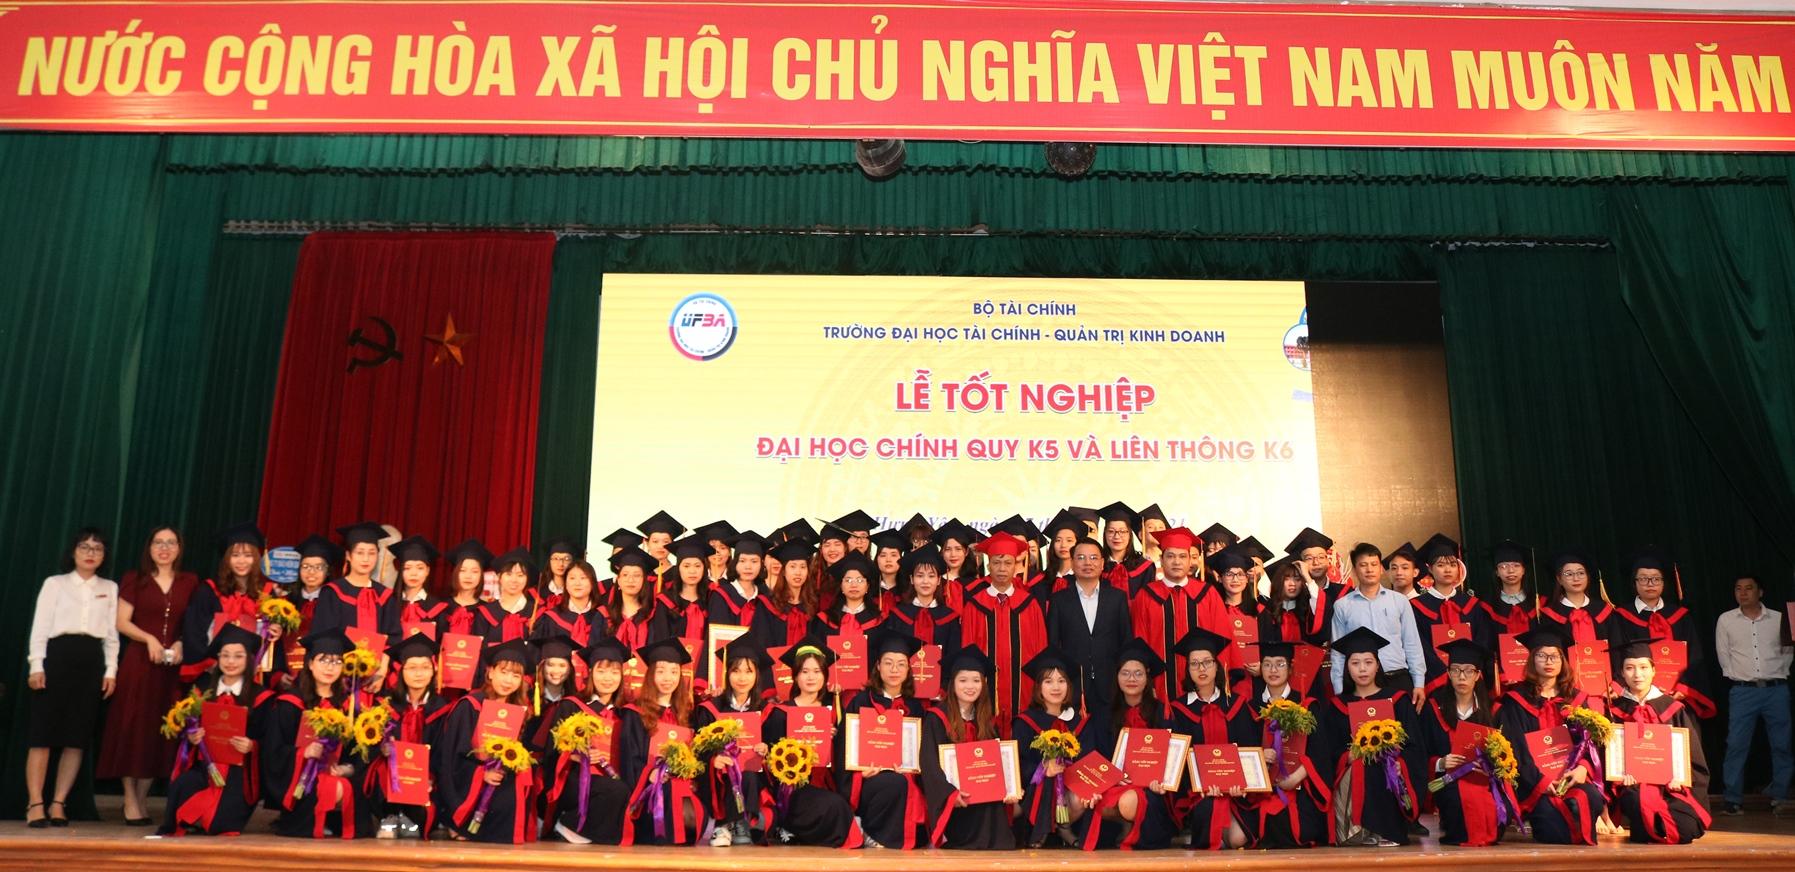 Lễ Bế giảng và trao bằng tốt nghiệp Đại học chính quy K5 và Liên thông K6 (Khóa học 2017 - 2021)